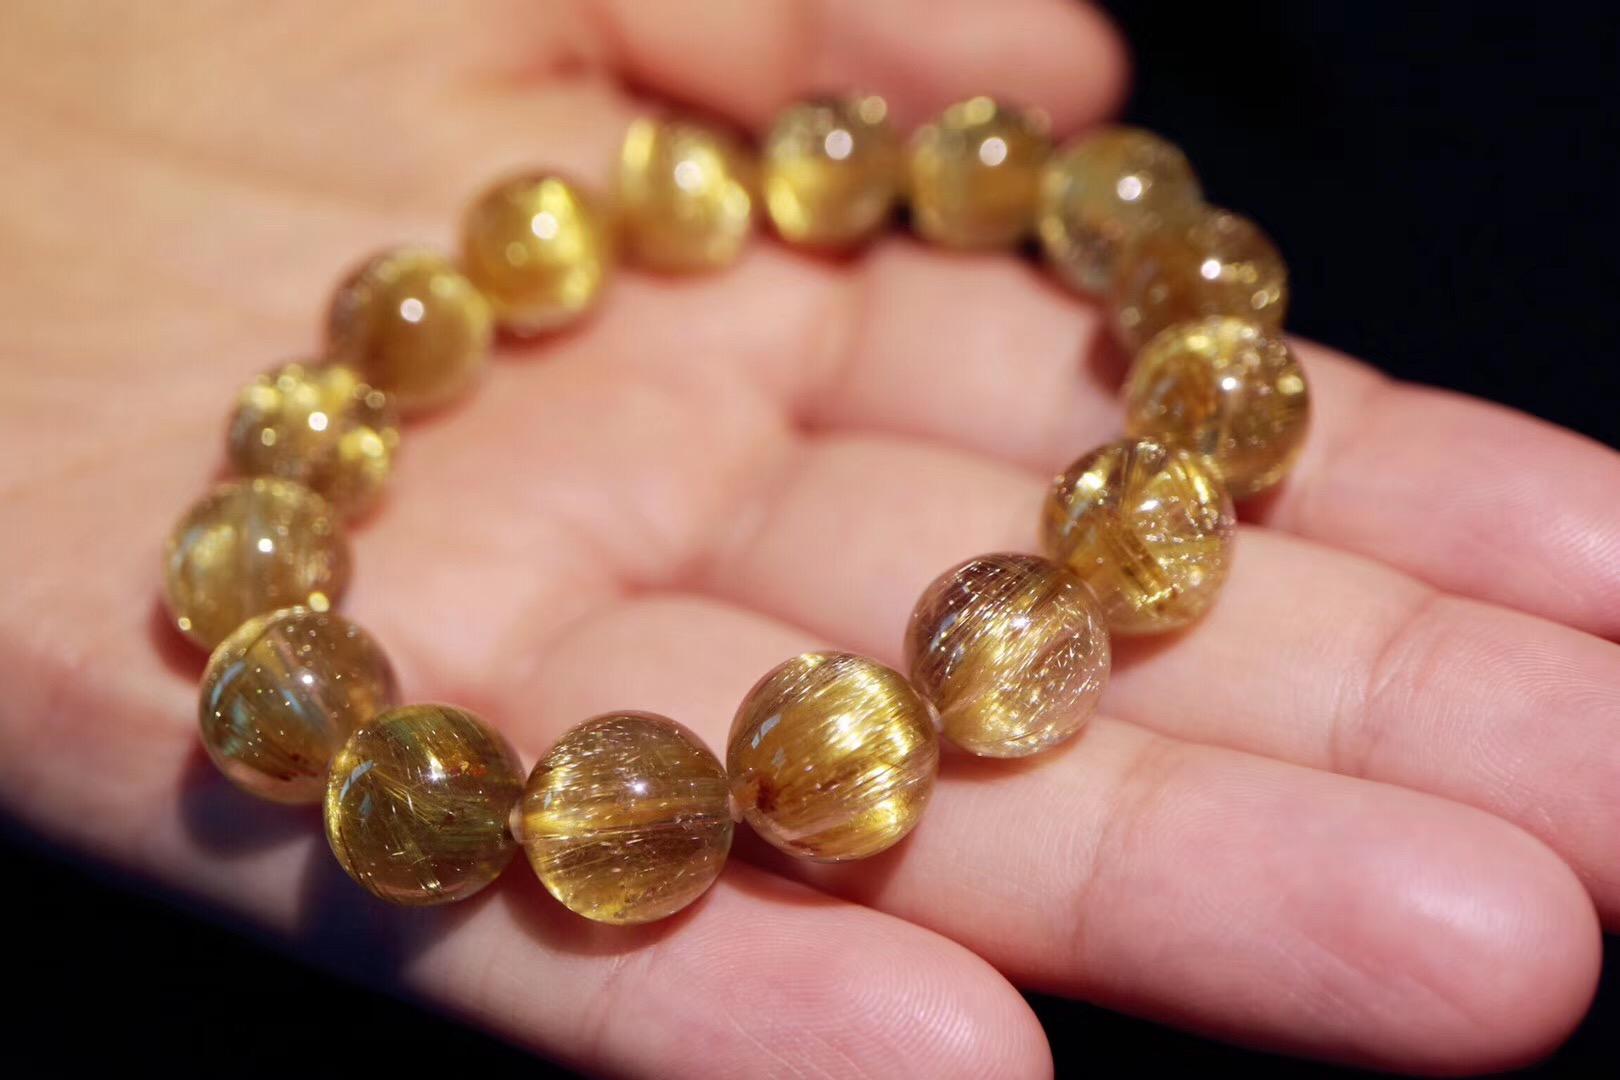 【菩心 | 钛晶】钛晶手链的金色光芒犹如小太阳般有力量-菩心晶舍